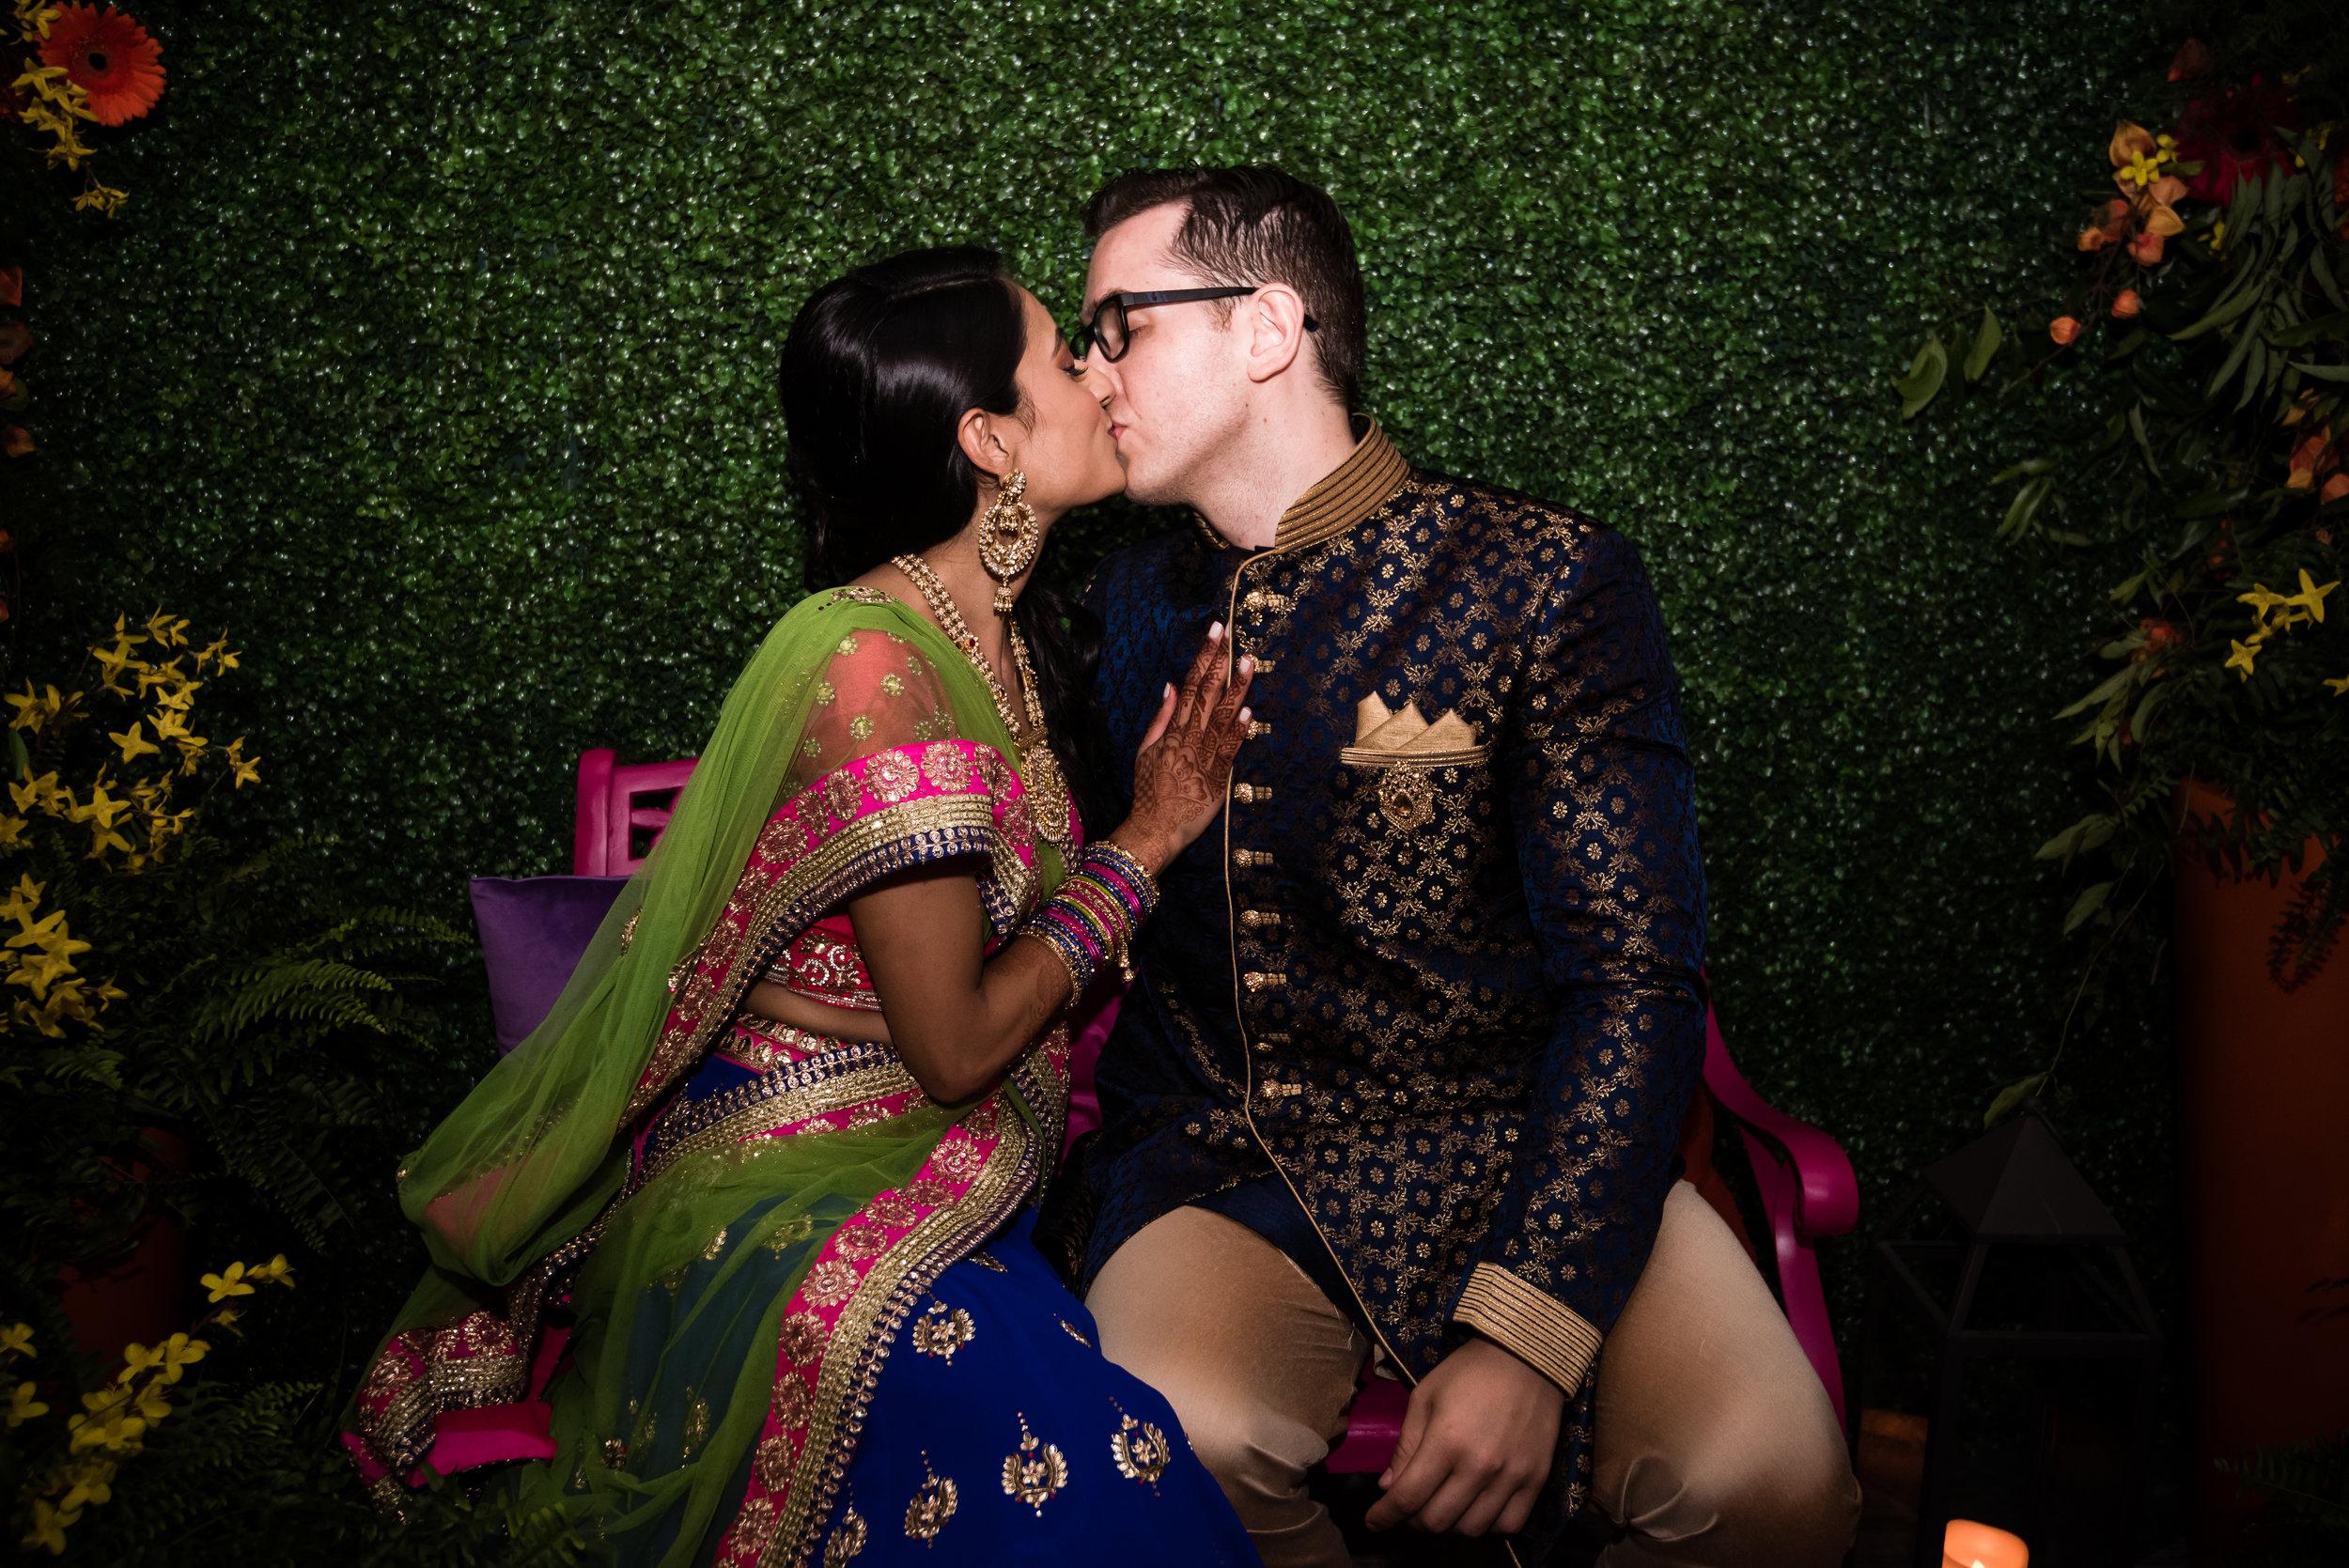 INDIAN WEDDING SANGEET BRIDE AND GROOM KISS.jpg